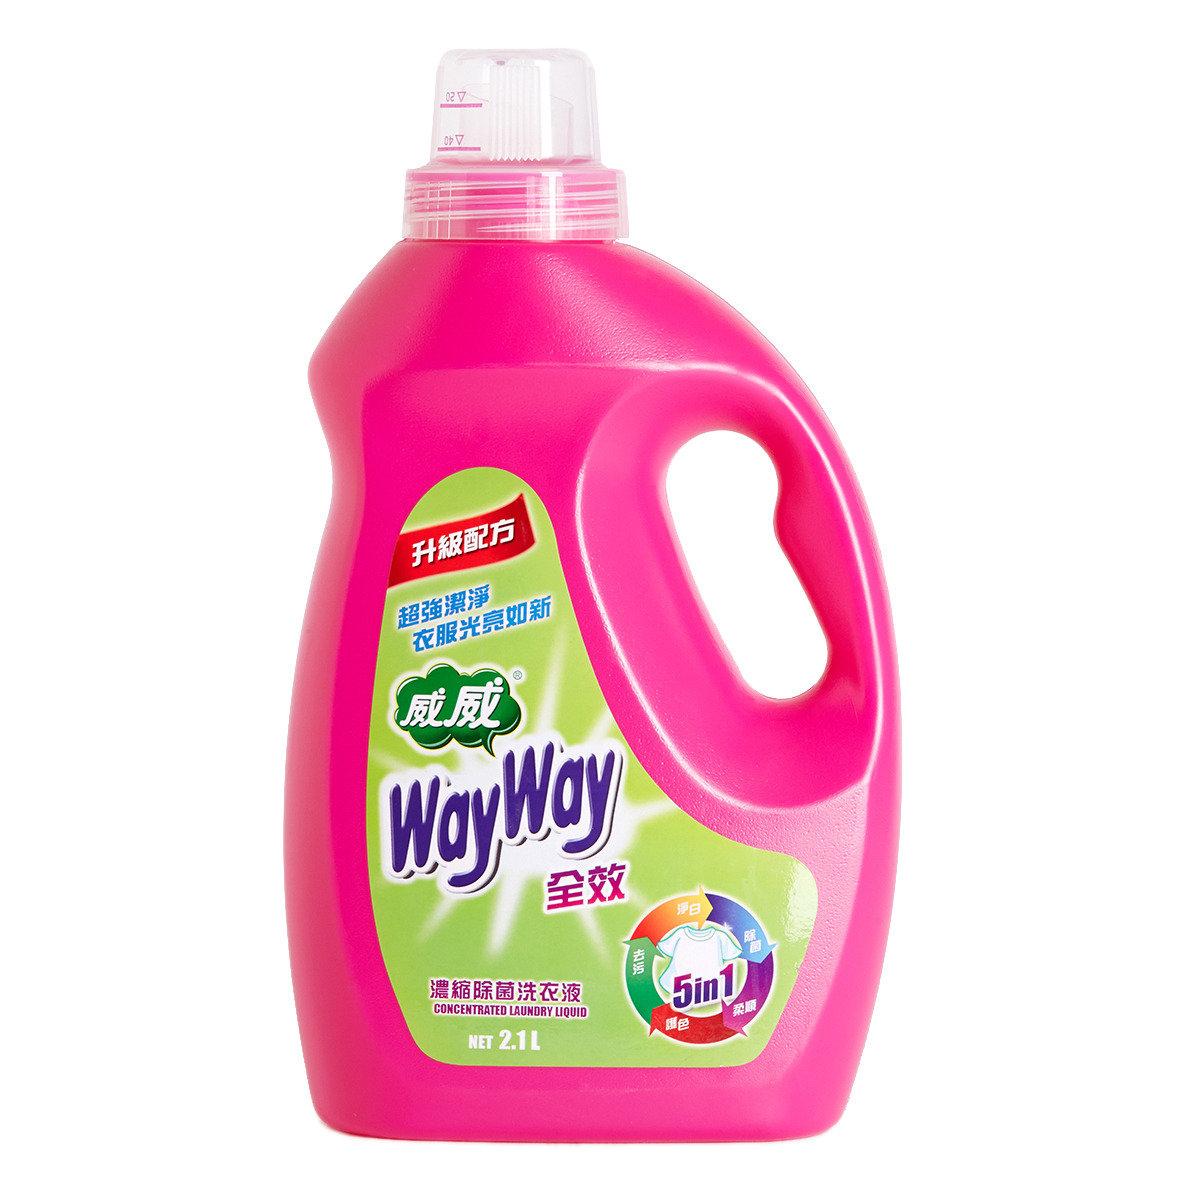 5合1濃縮洗衣液